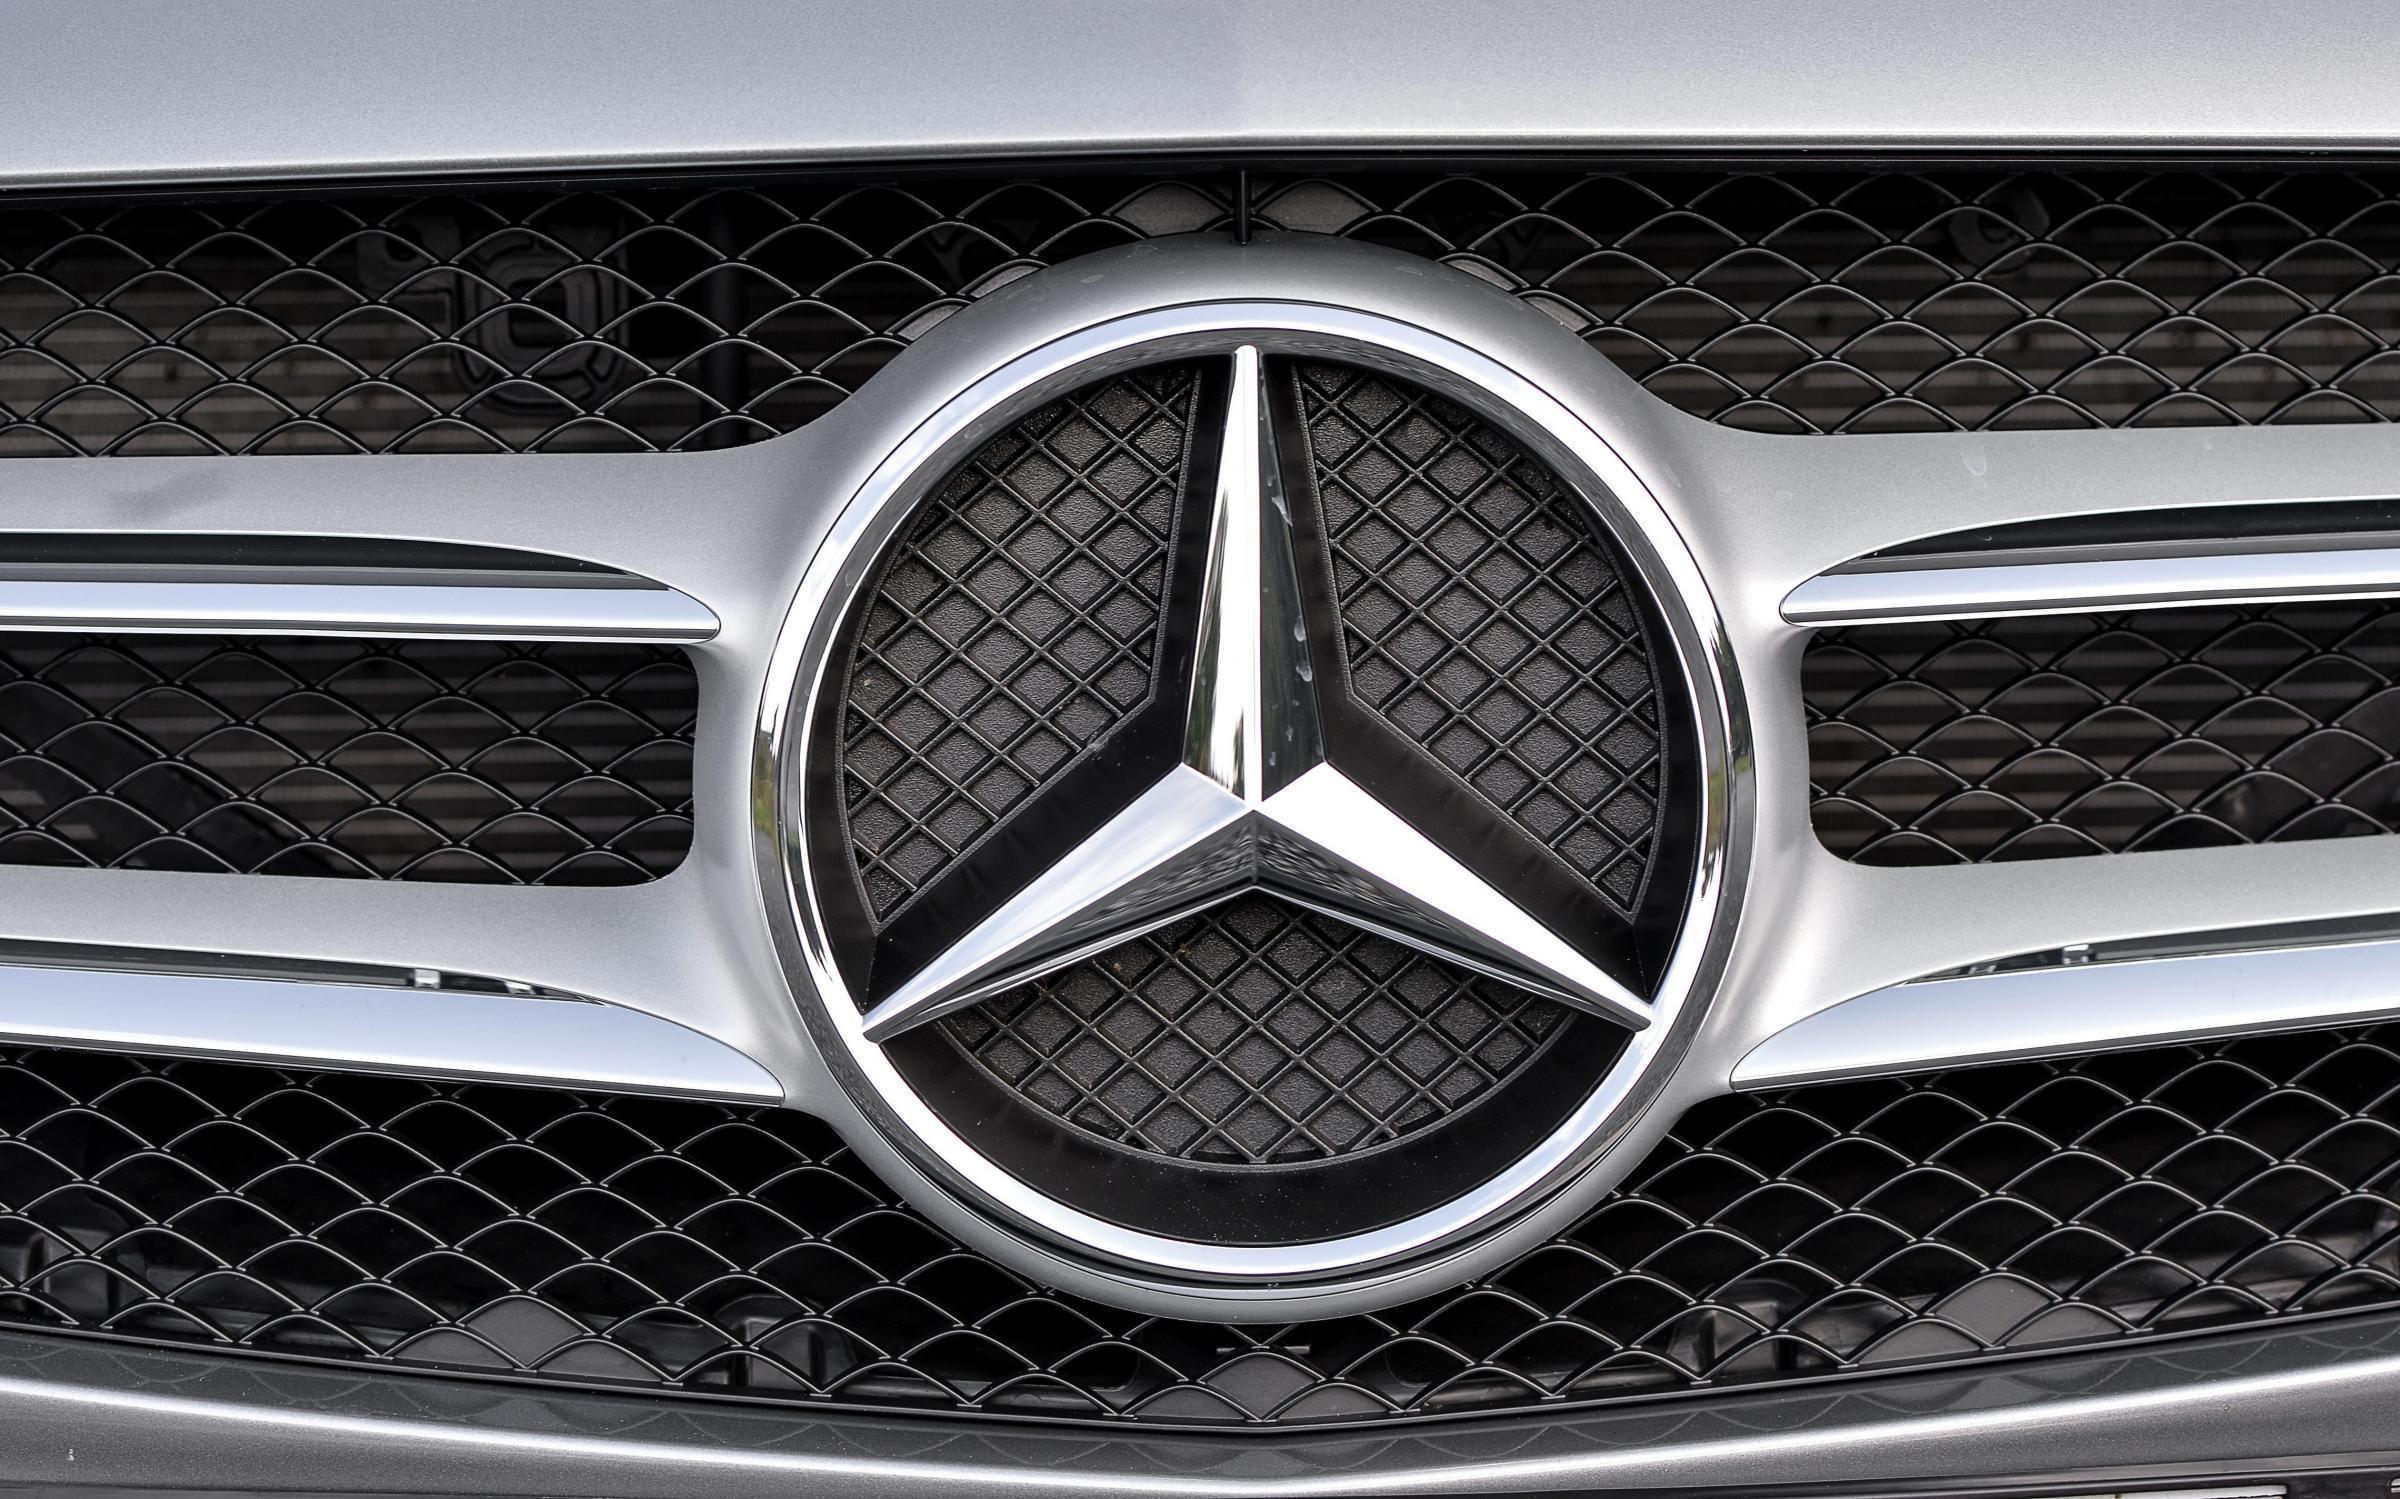 Viaggi, avventure nel Mondo: 26 anni, 177 Paesi e 550 mila miglia, l'incredibile avventura di una coppia tedesca e un Mercedes Classe G.